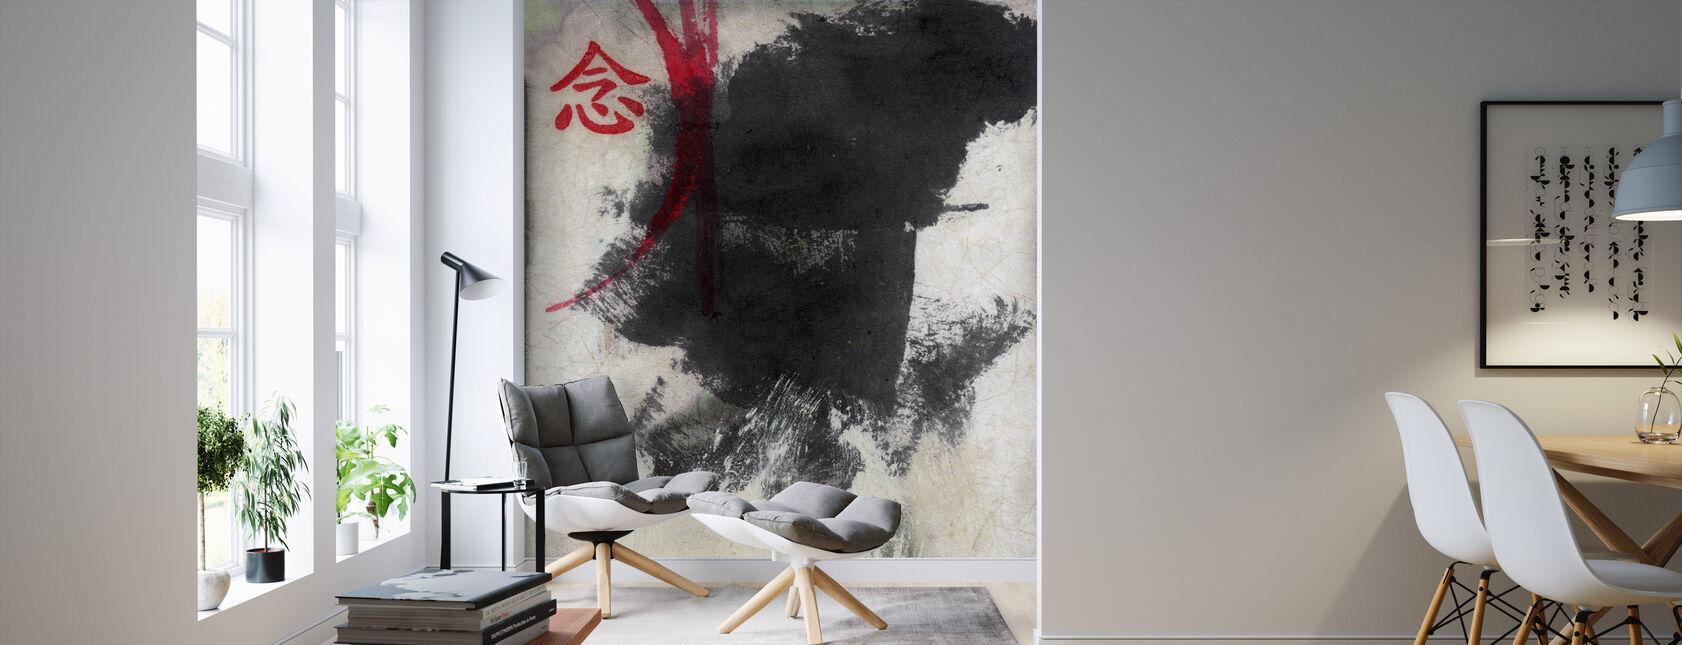 Chinees Karakter - Dacht - Behang - Woonkamer